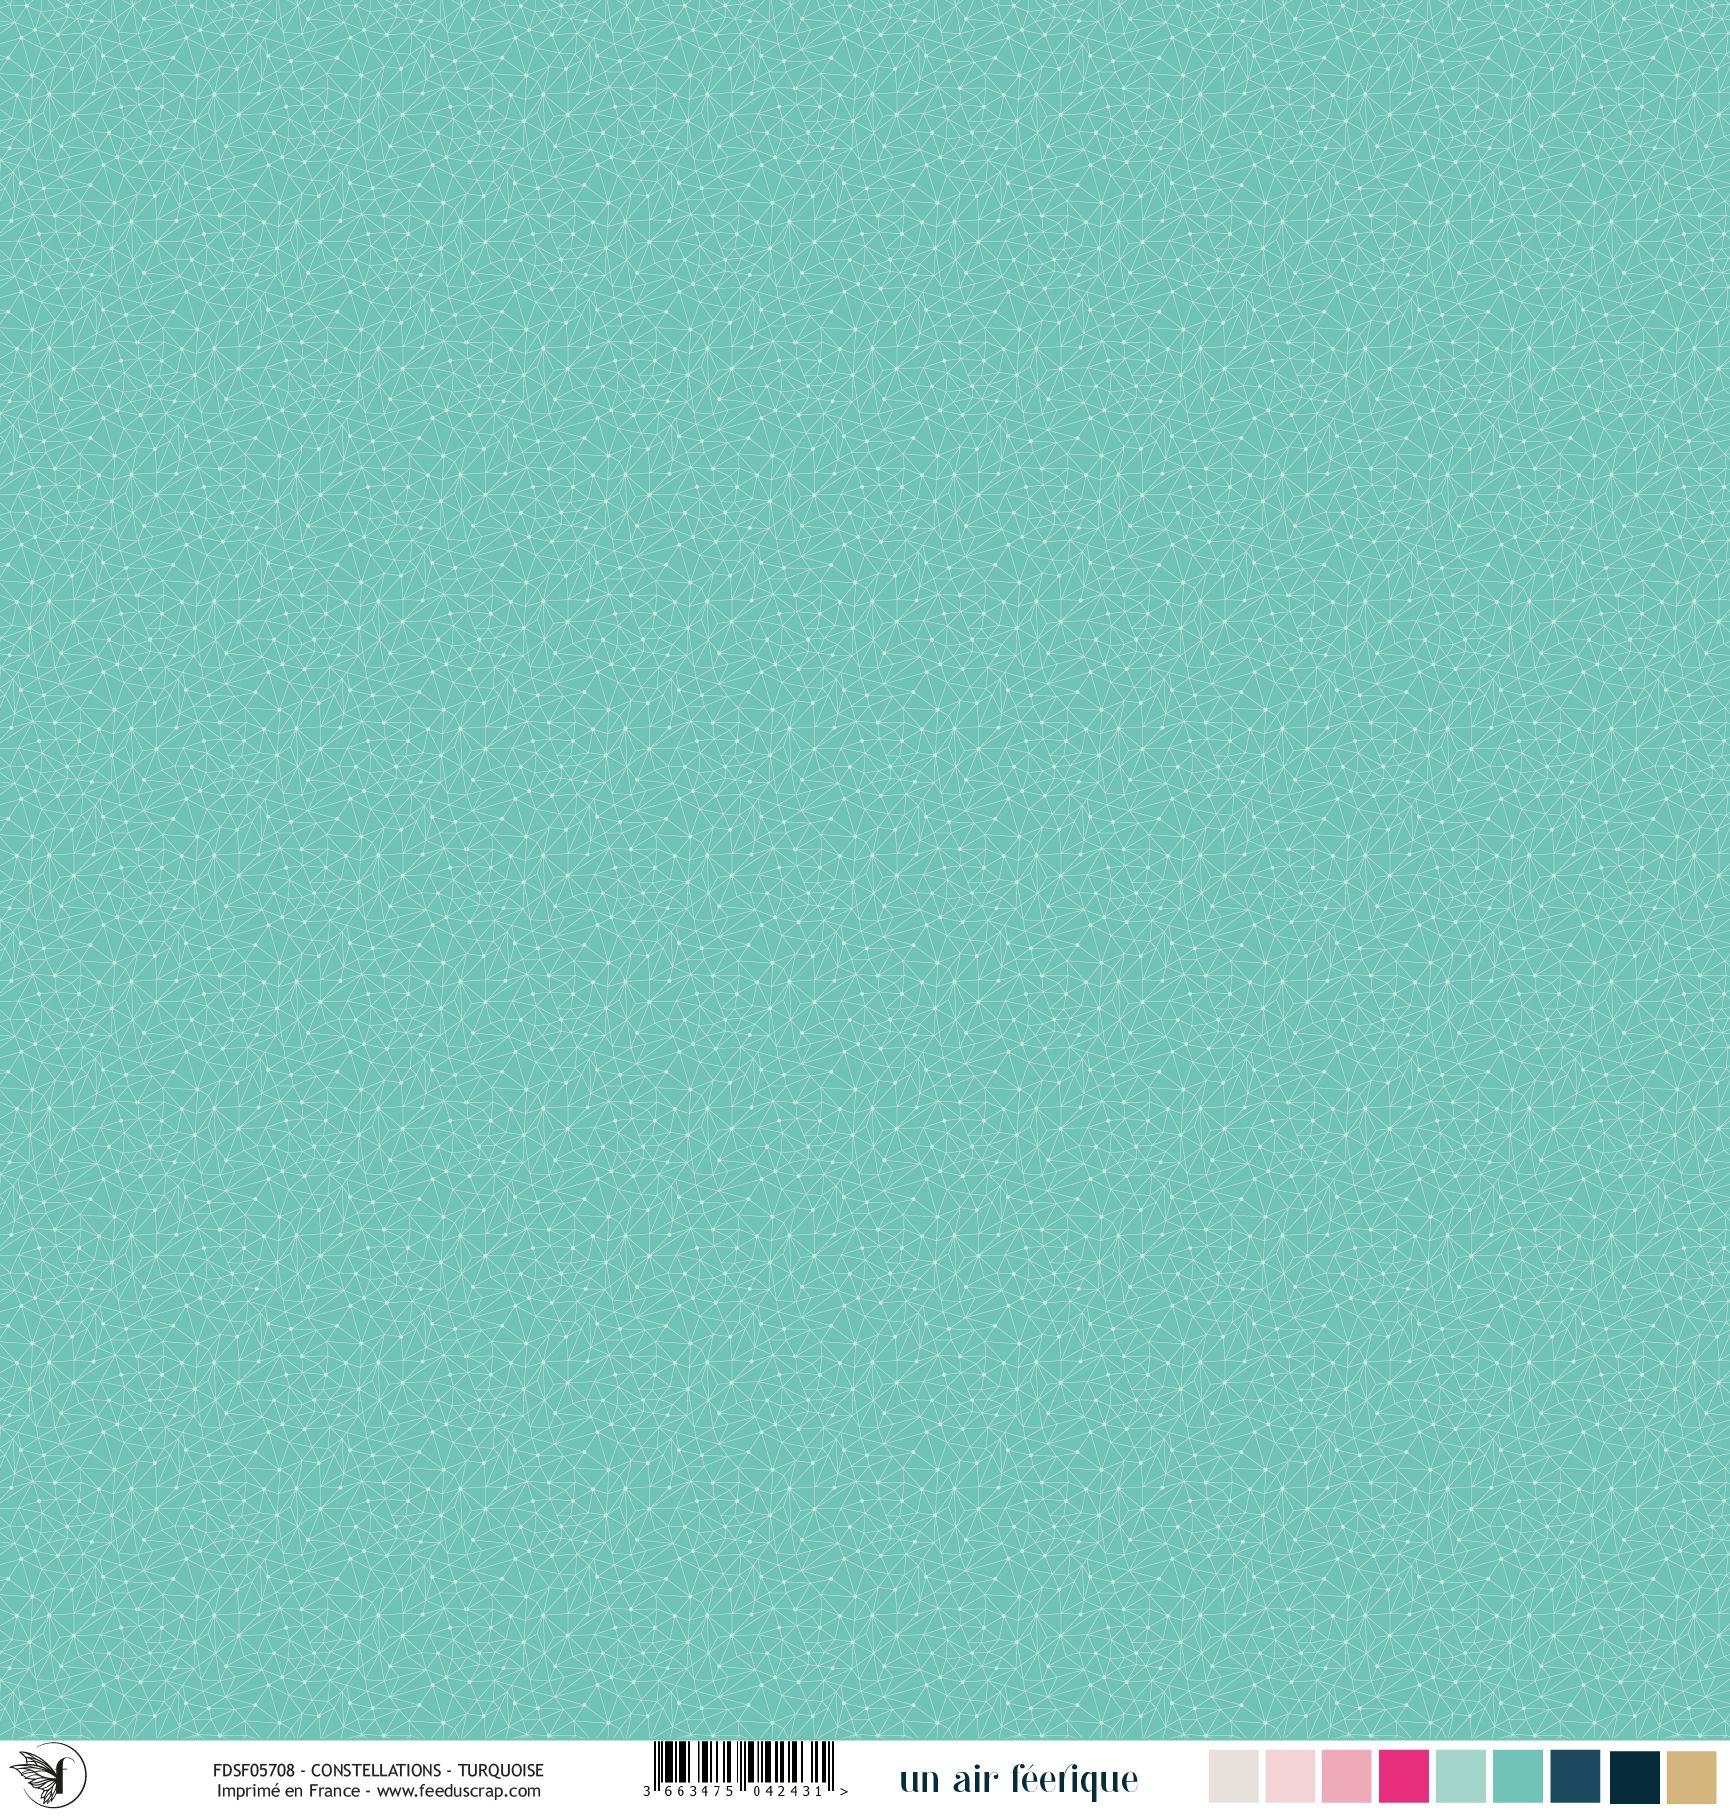 Feuille un air féérique - constellation - turquoise